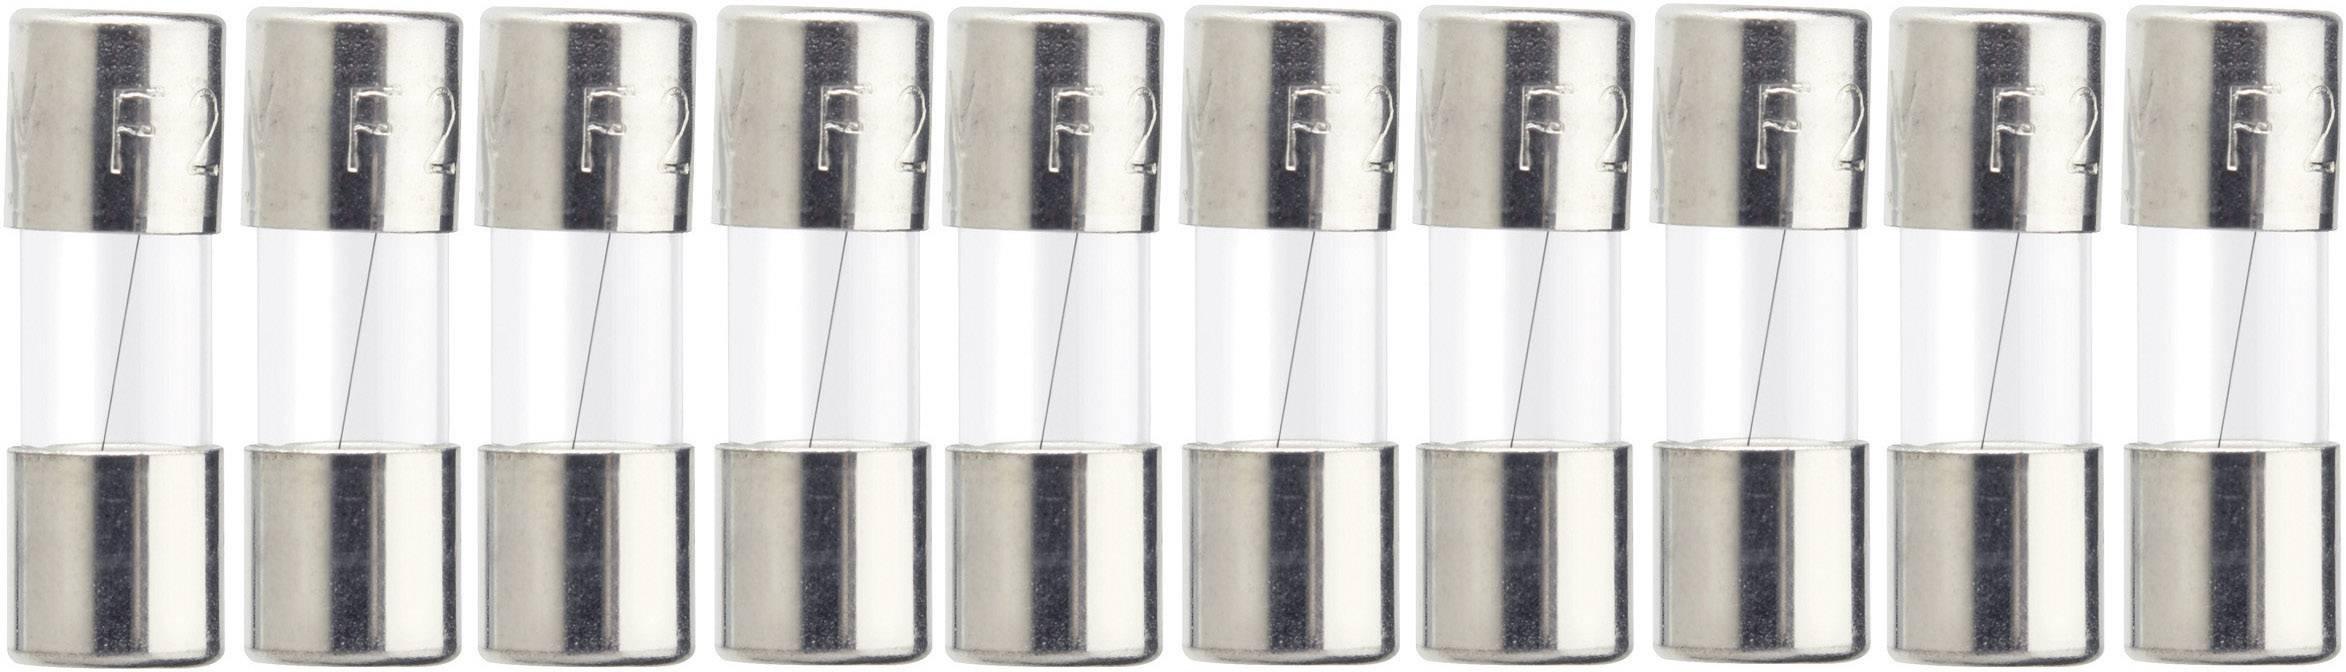 Jemná poistka ESKA 515667, 7 A, 125 V, (Ø x d) 5 mm x 15 mm, rýchly -F-, 10 ks